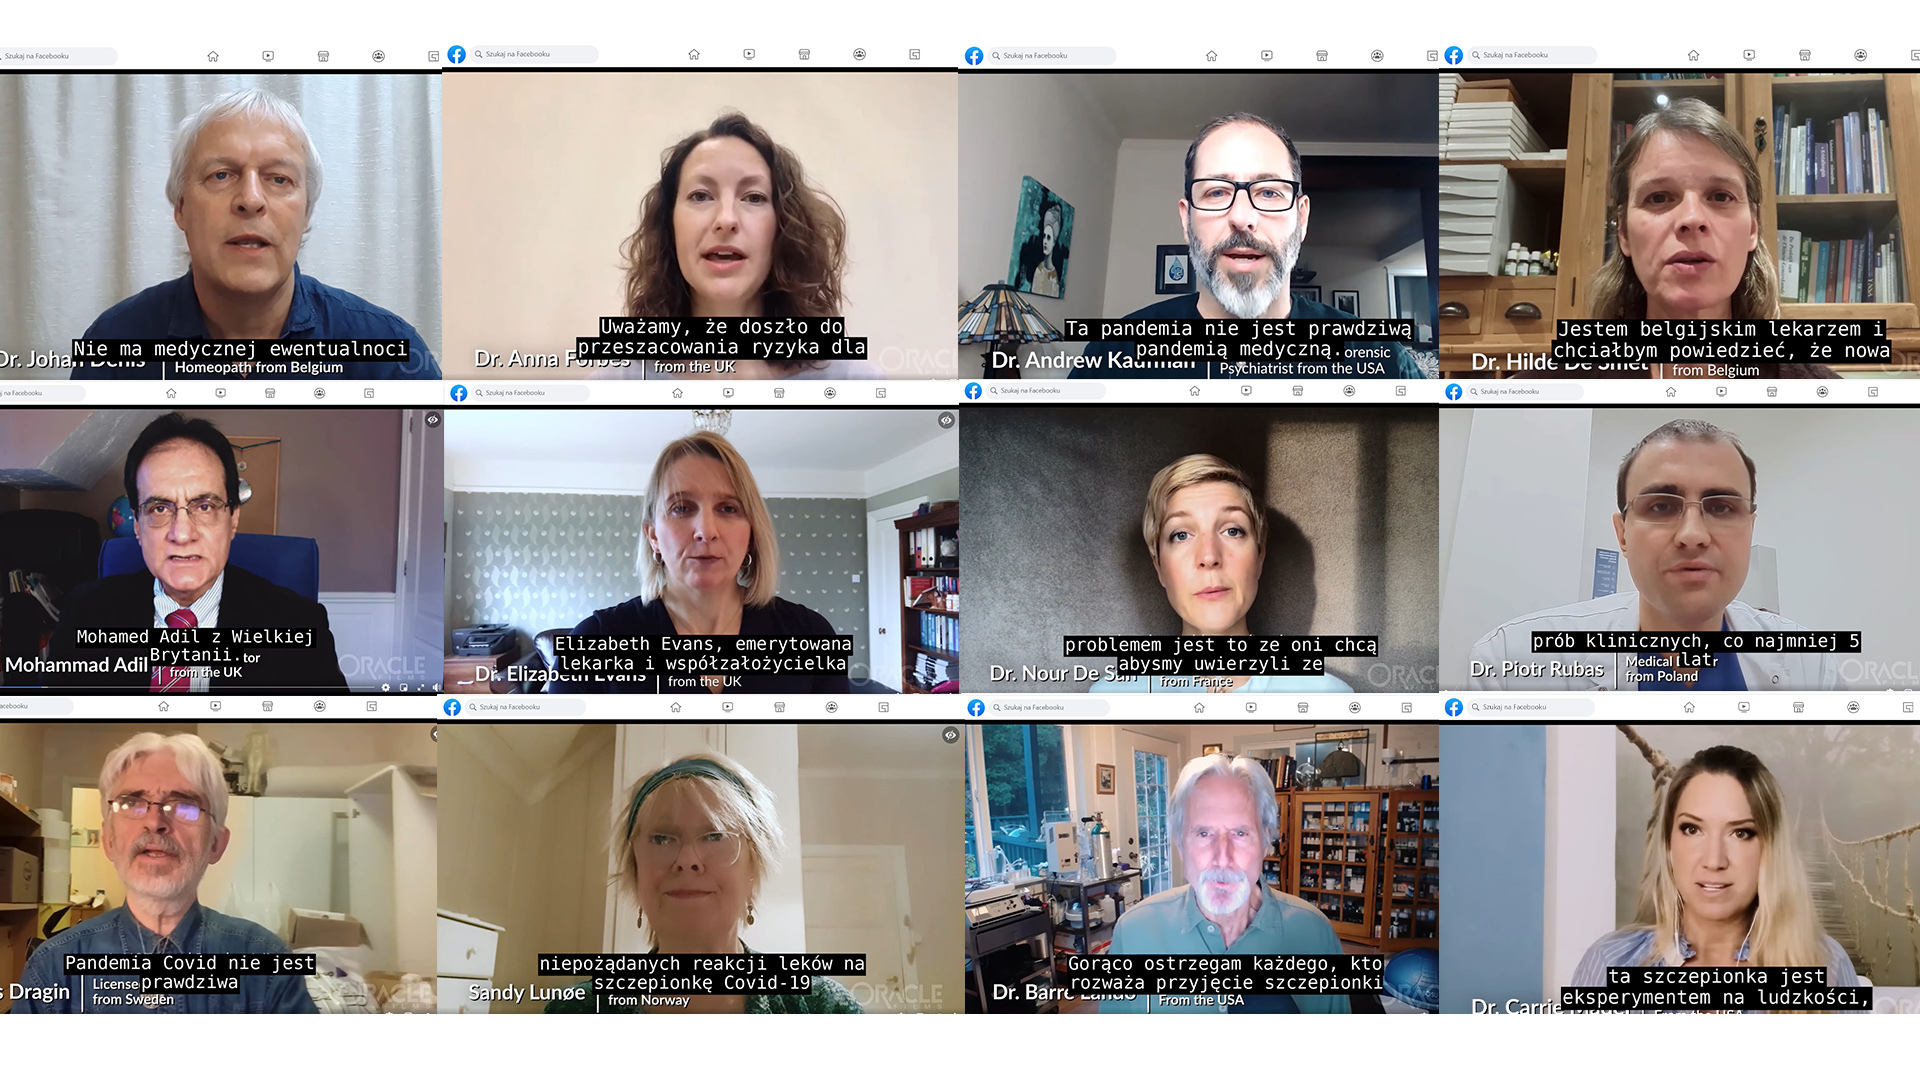 W filmie będącym częścią kampanii World Doctors Alliance swoje opinie prezentują 34 osoby. W większości powtarzają te same fałszywe tezy